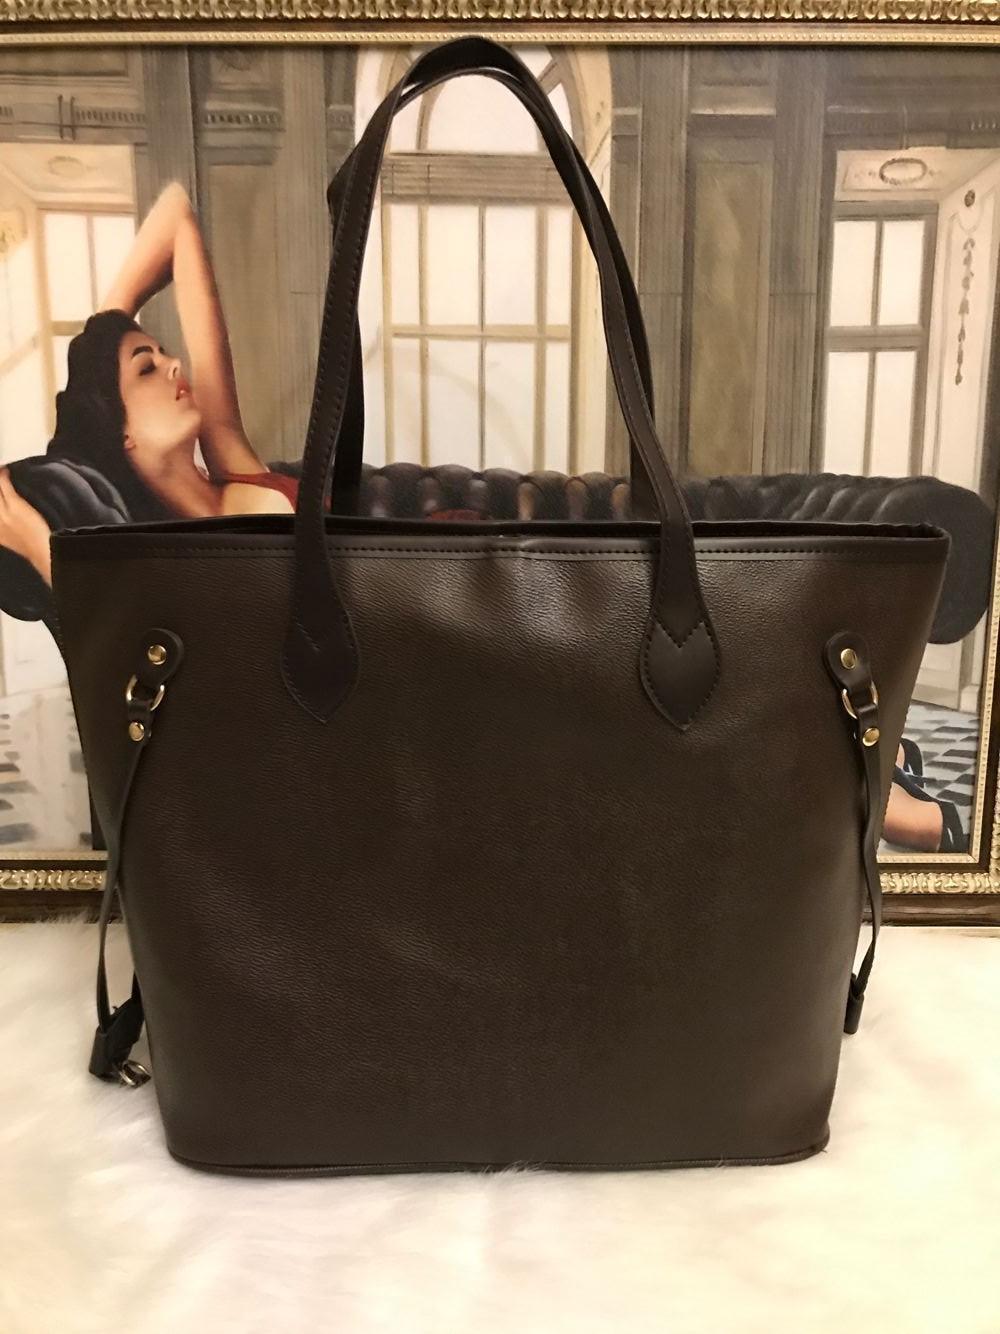 66 2pcs treillis mis en Top design femmes de qualité dames sac à main sac à main concepteur sac à main dame de haute qualité sac à main d'embrayage épaule rétro